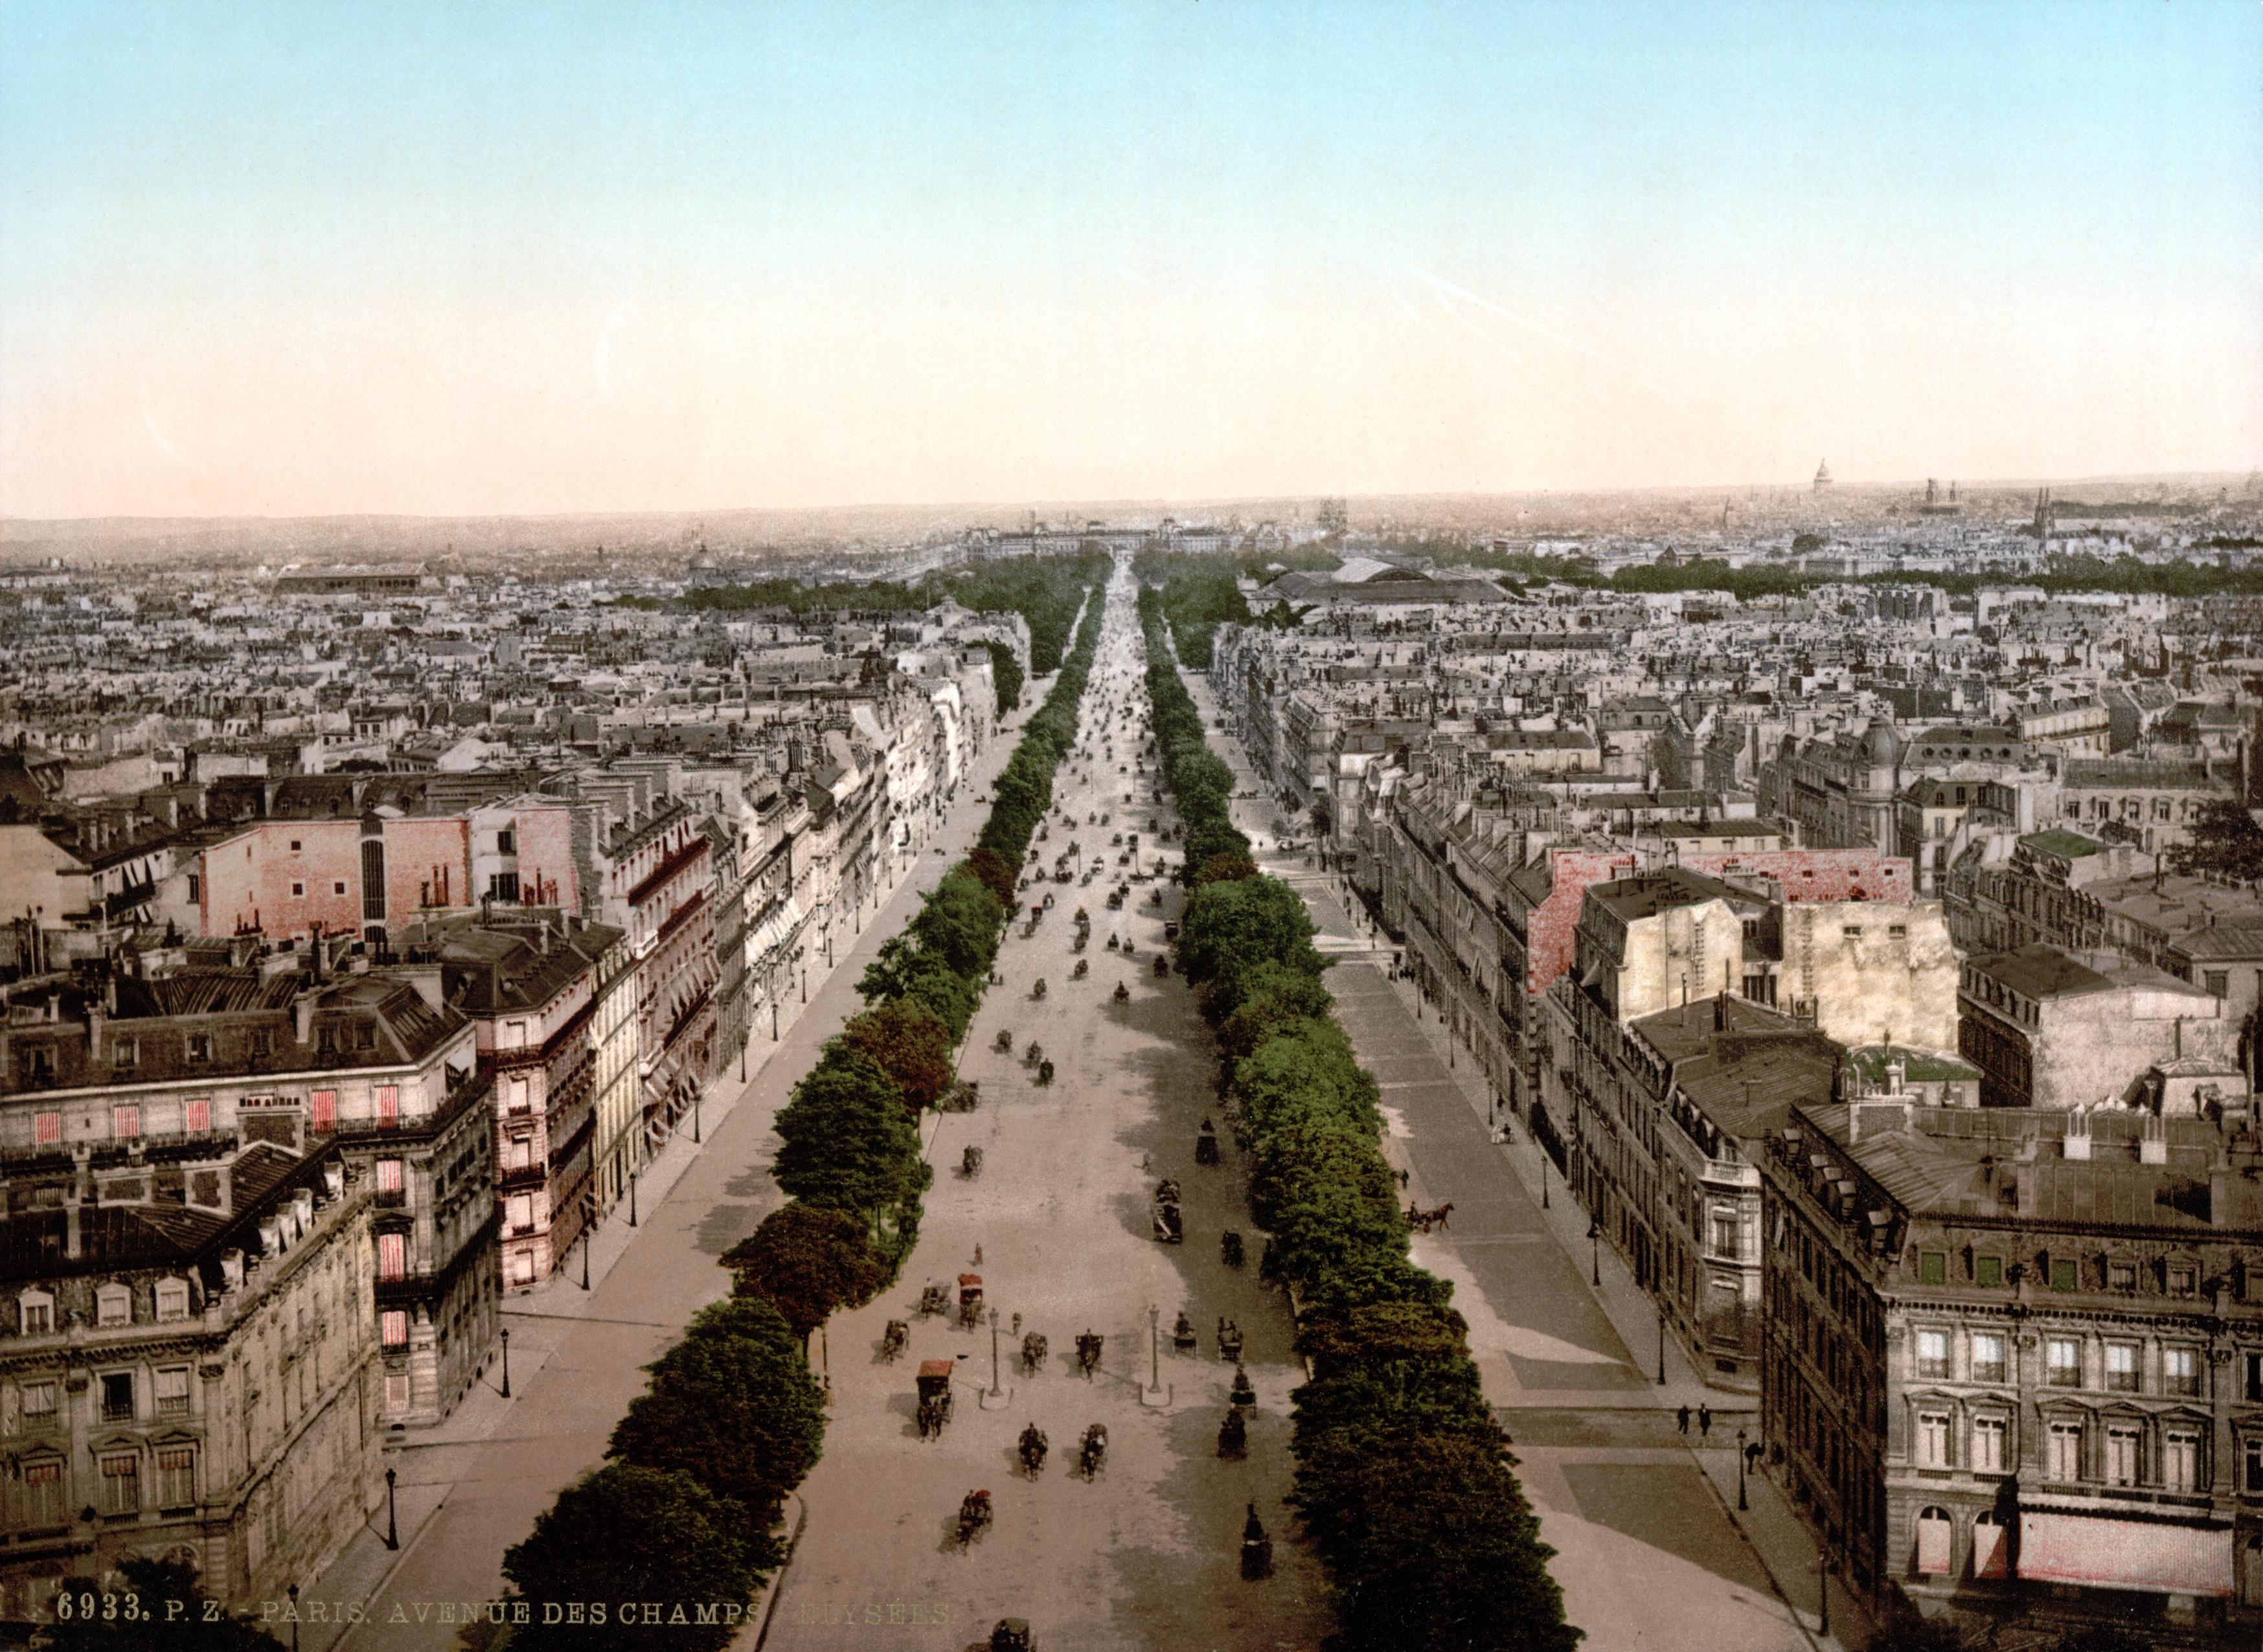 Description paris avenue des chs-élysées um 1900